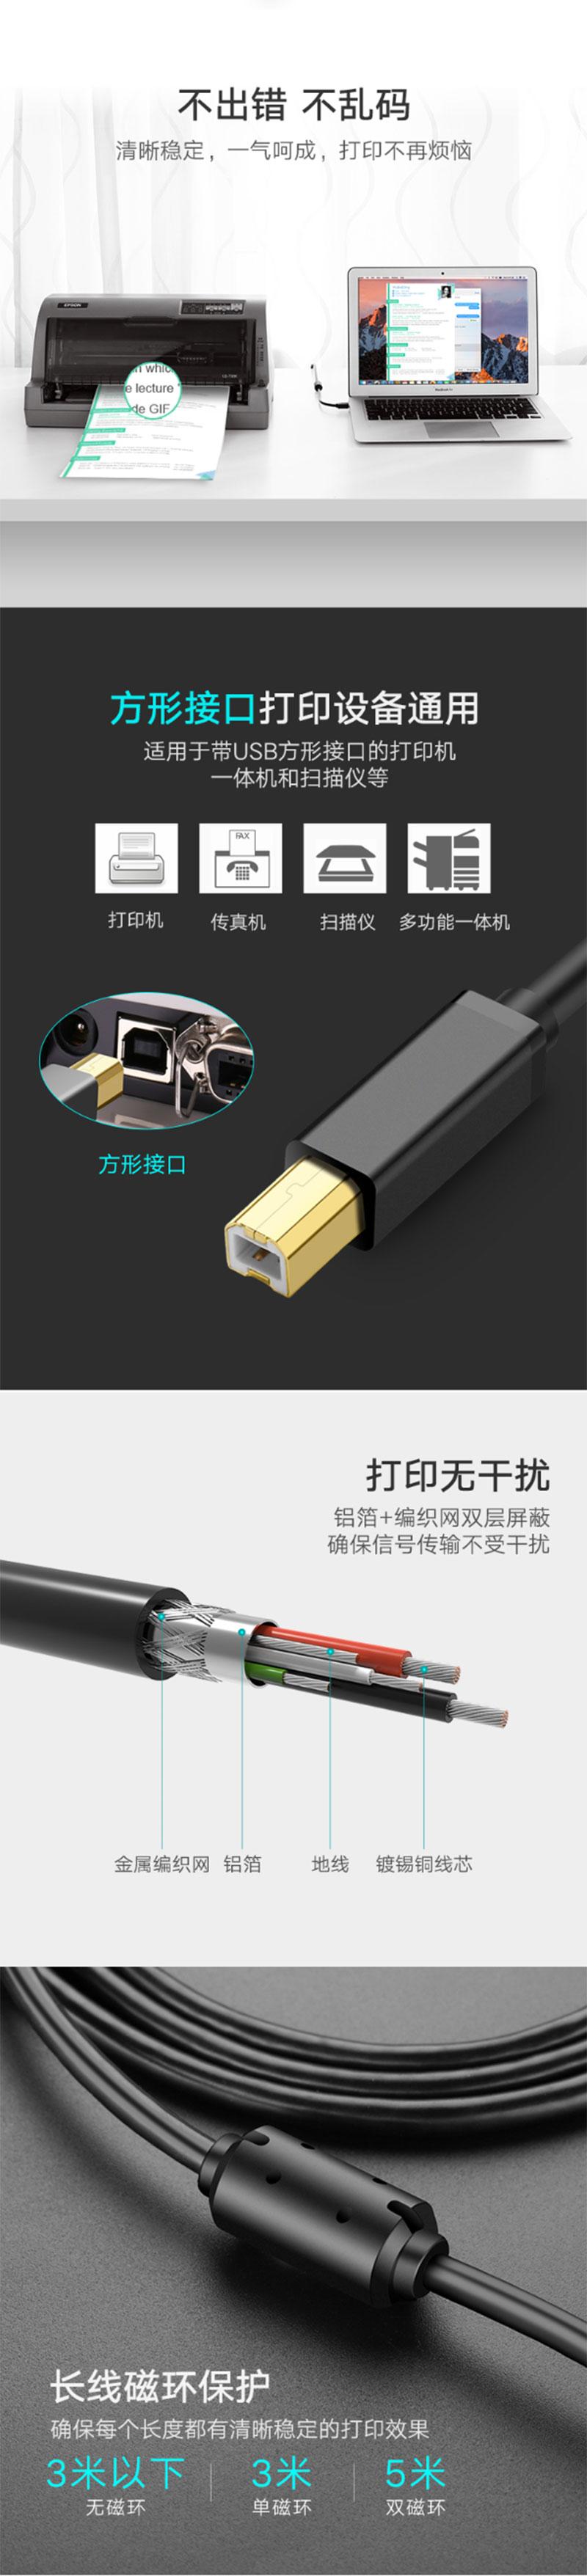 绿联10351 3米打印机方口线 镀金